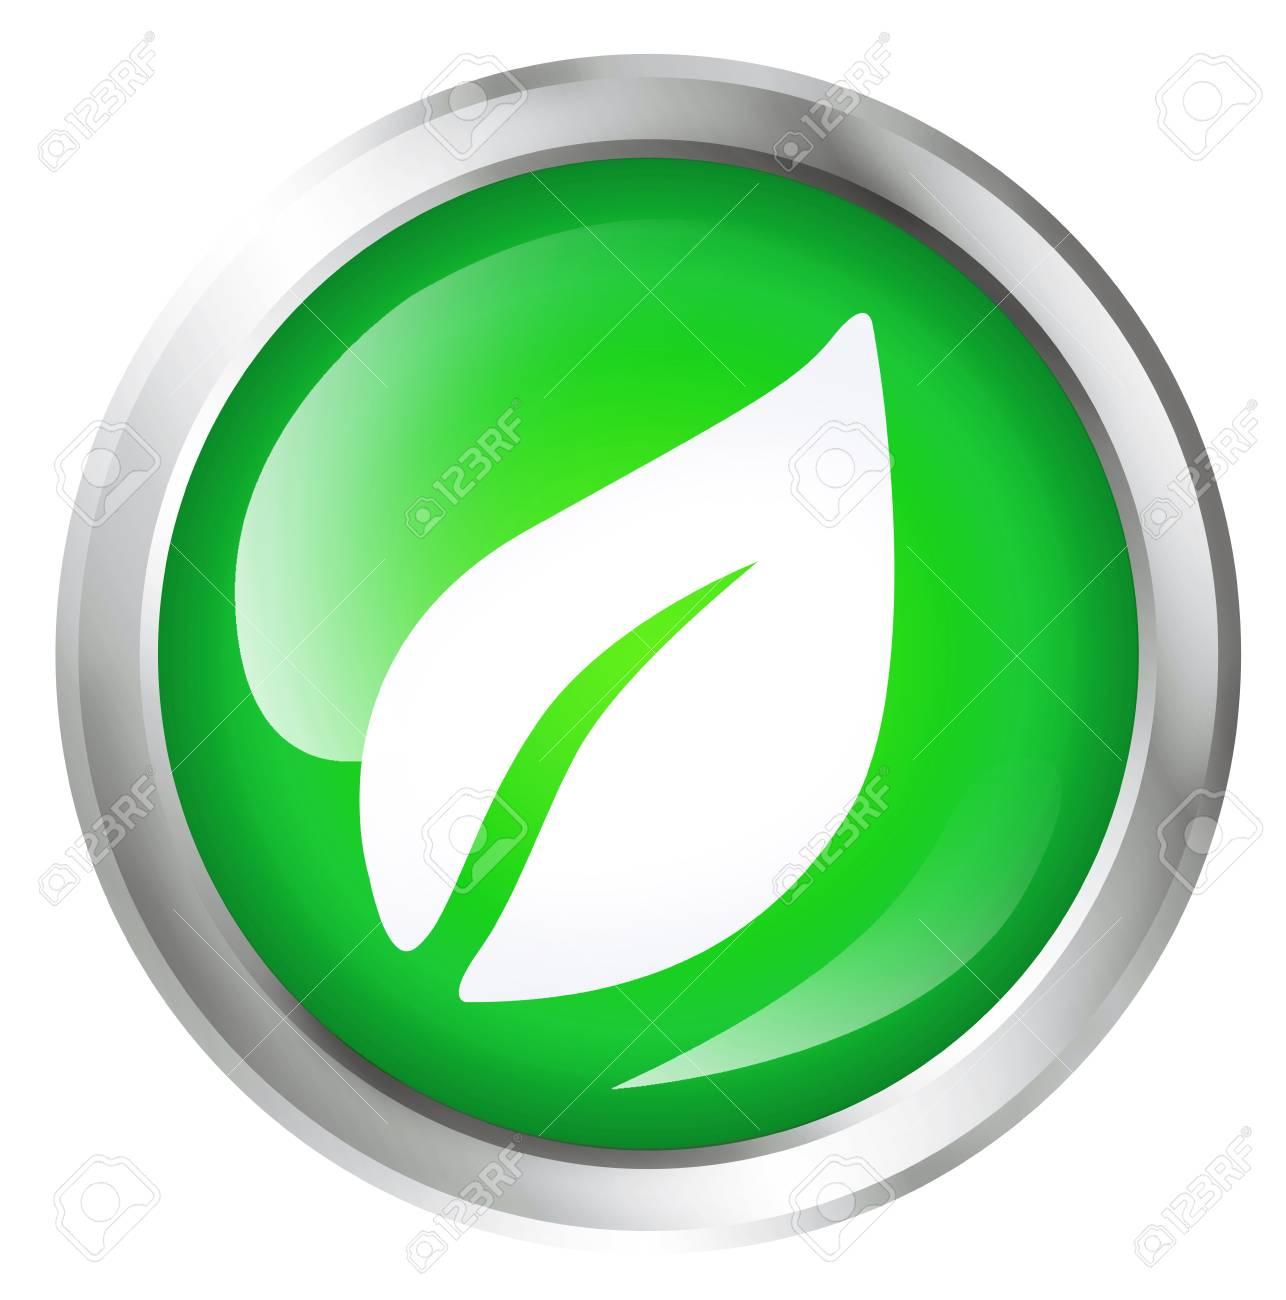 Image result for Ecological symbol